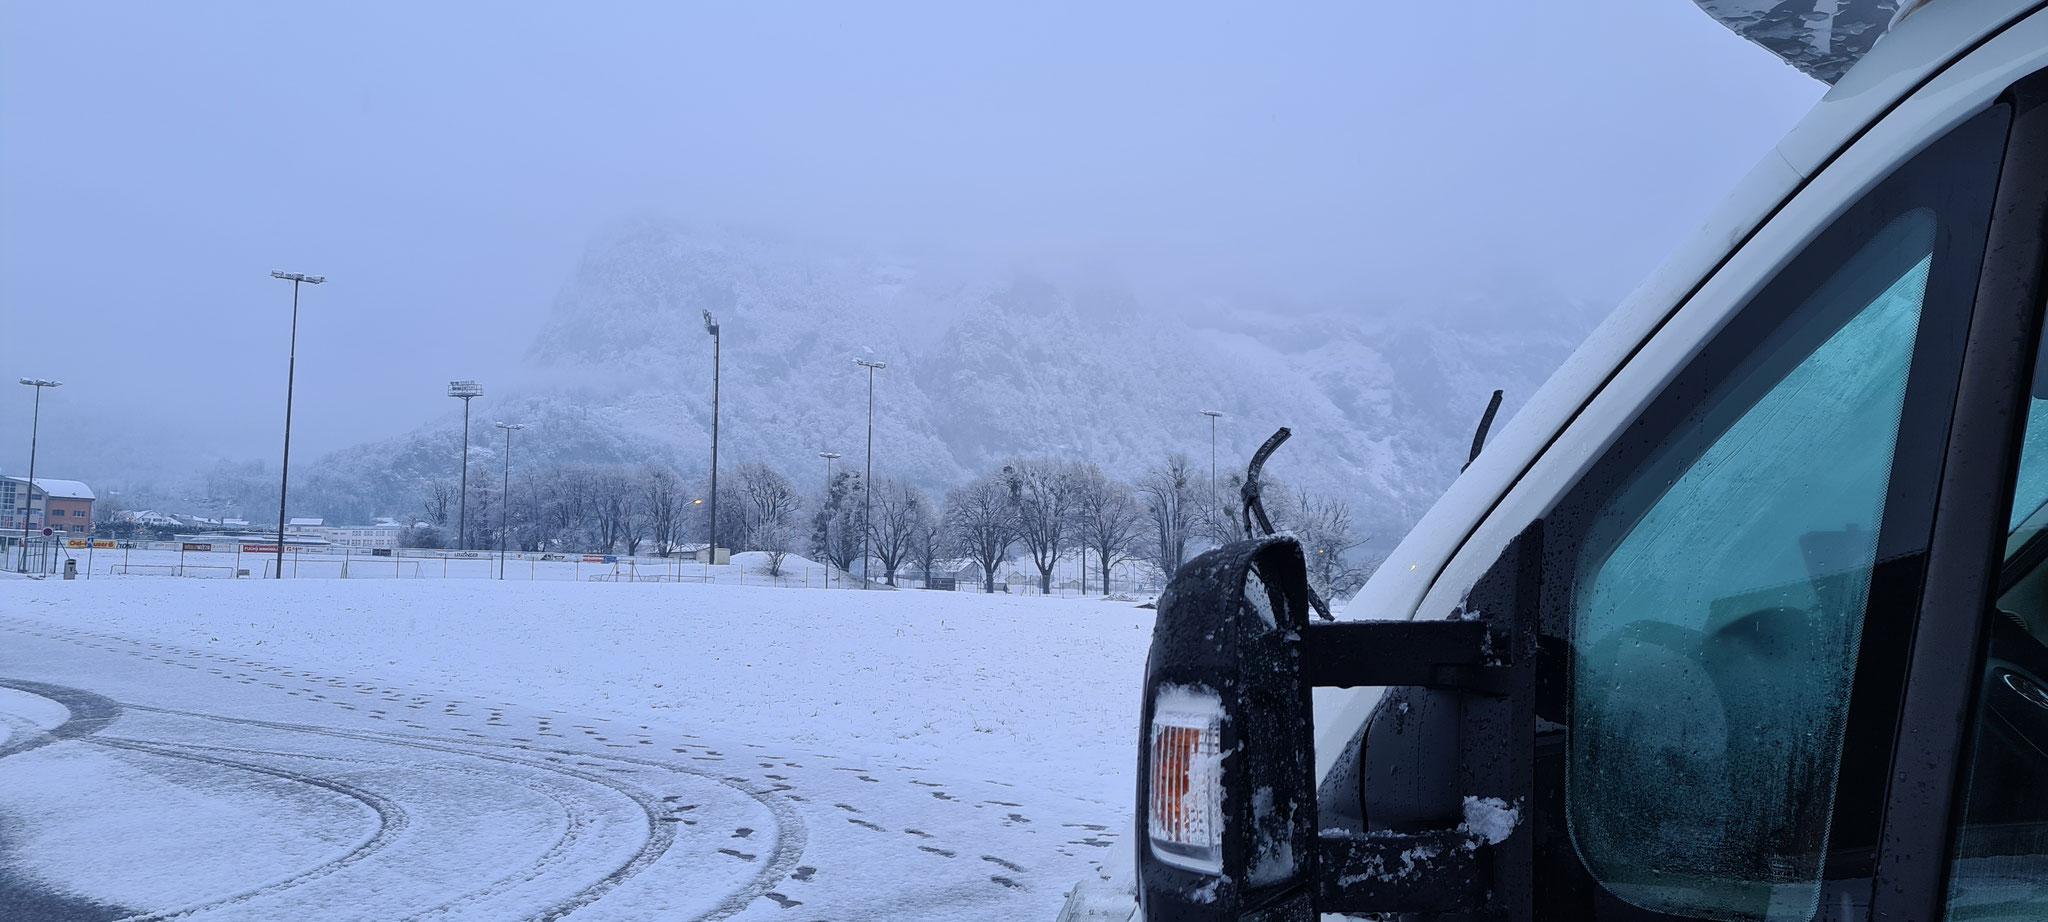 Neuschnee am Samstag, Schnee weg, neuer Schnee am Sonntag